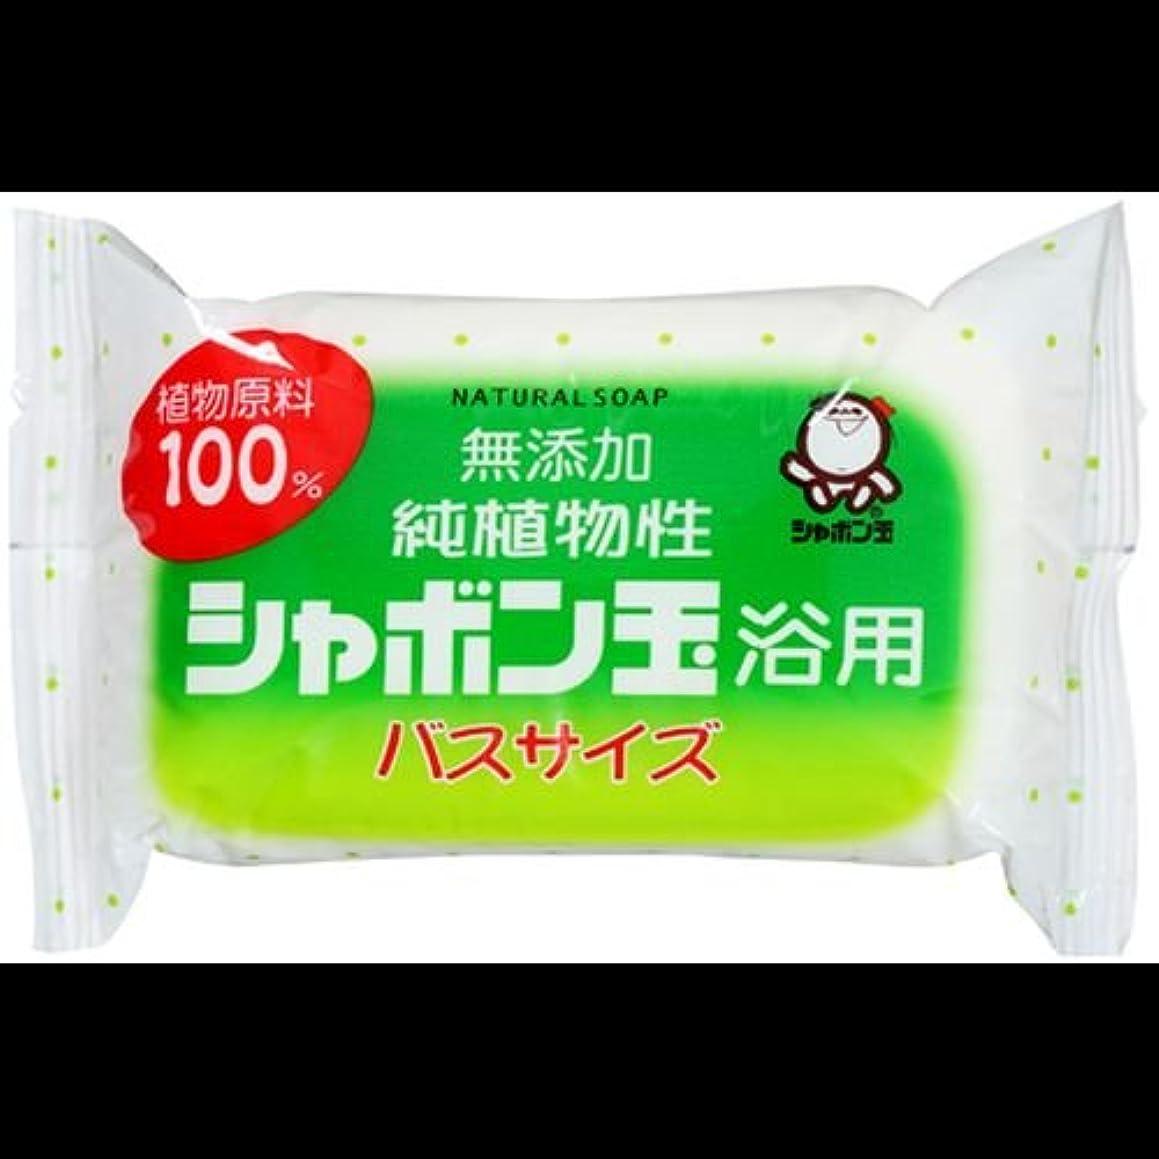 一族ボイコットハブブ【まとめ買い】純植物性シャボン玉 浴用 バスサイズ155g ×2セット